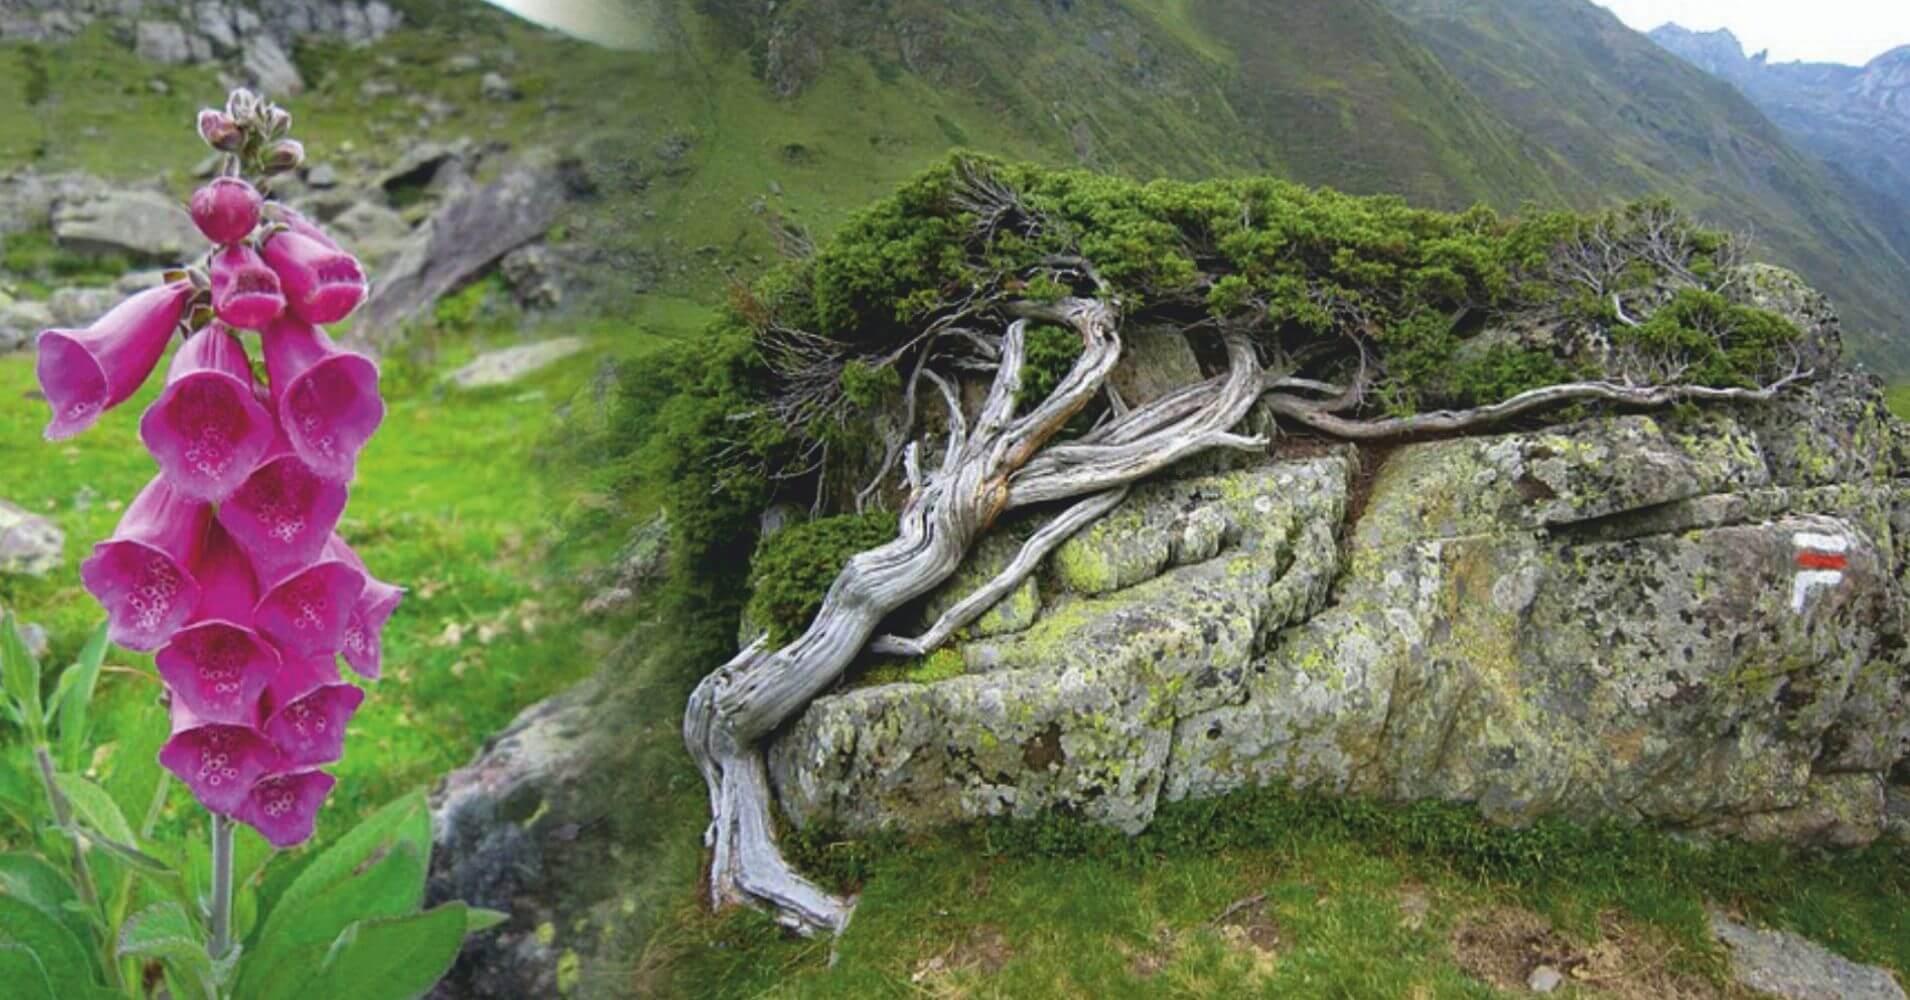 Parque Nacional Pirineos. Nueva Aquitania. Pirineos Atlánticos. Occitania, Altos Pirineos. Francia.